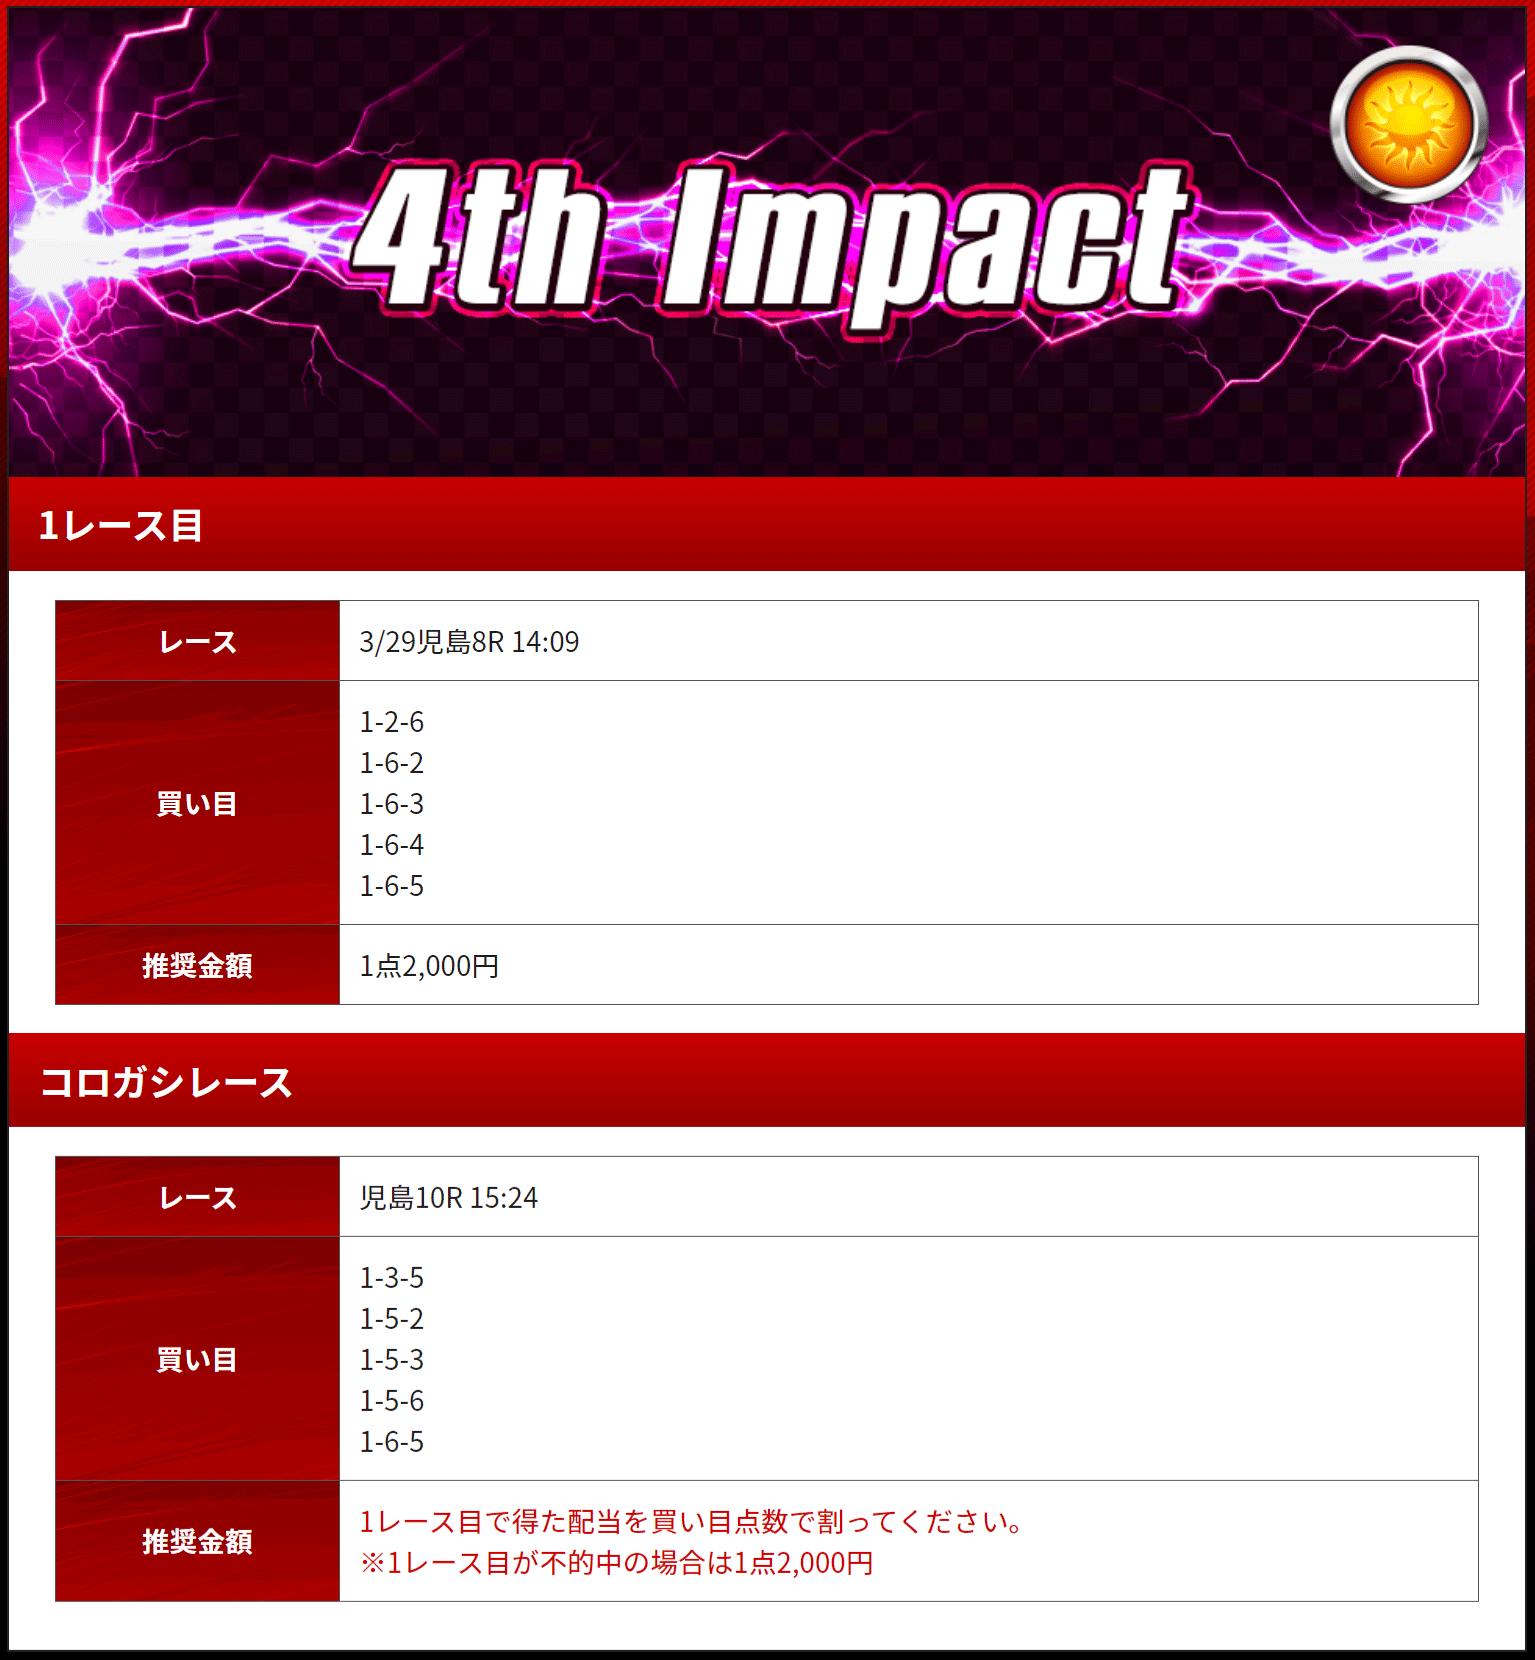 優良 競艇IMPACT(競艇インパクト)の有料プラン「4th Impact(デイ)」2020年3月29日買い目 競艇予想サイトの口コミ検証や無料情報の予想結果も公開中